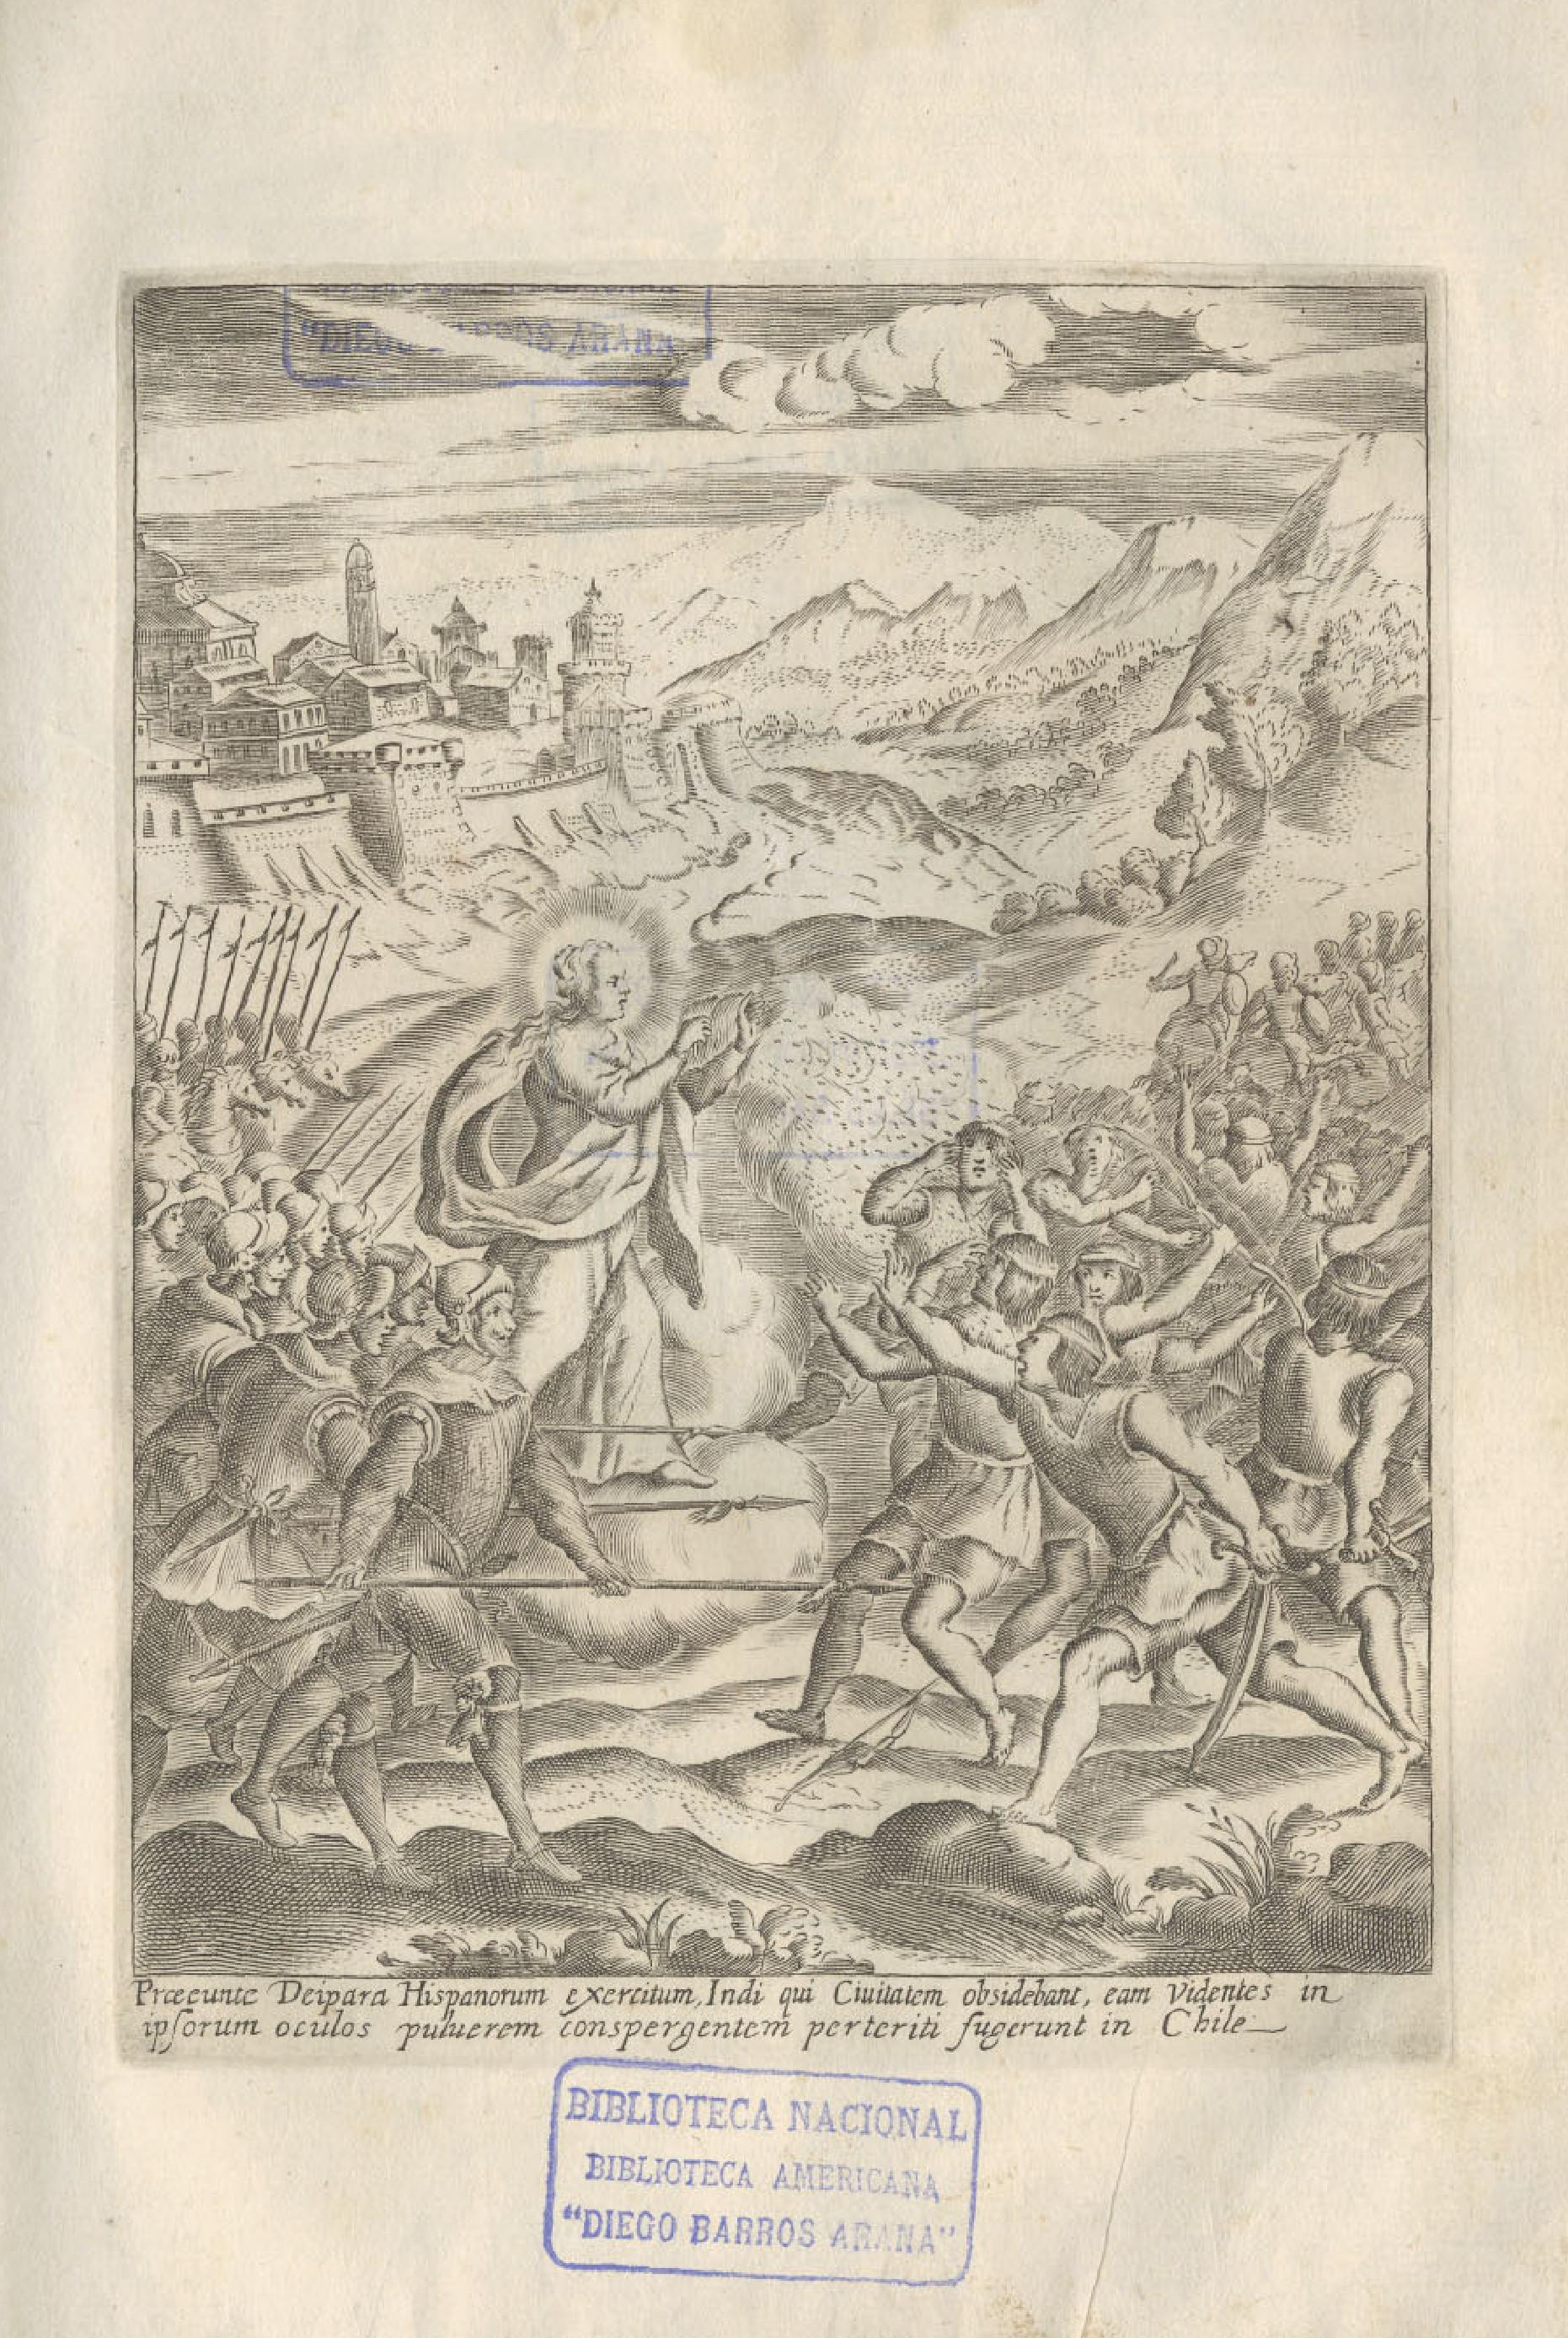 Enfrentamiento entre españoles e indígenas hacia 1640